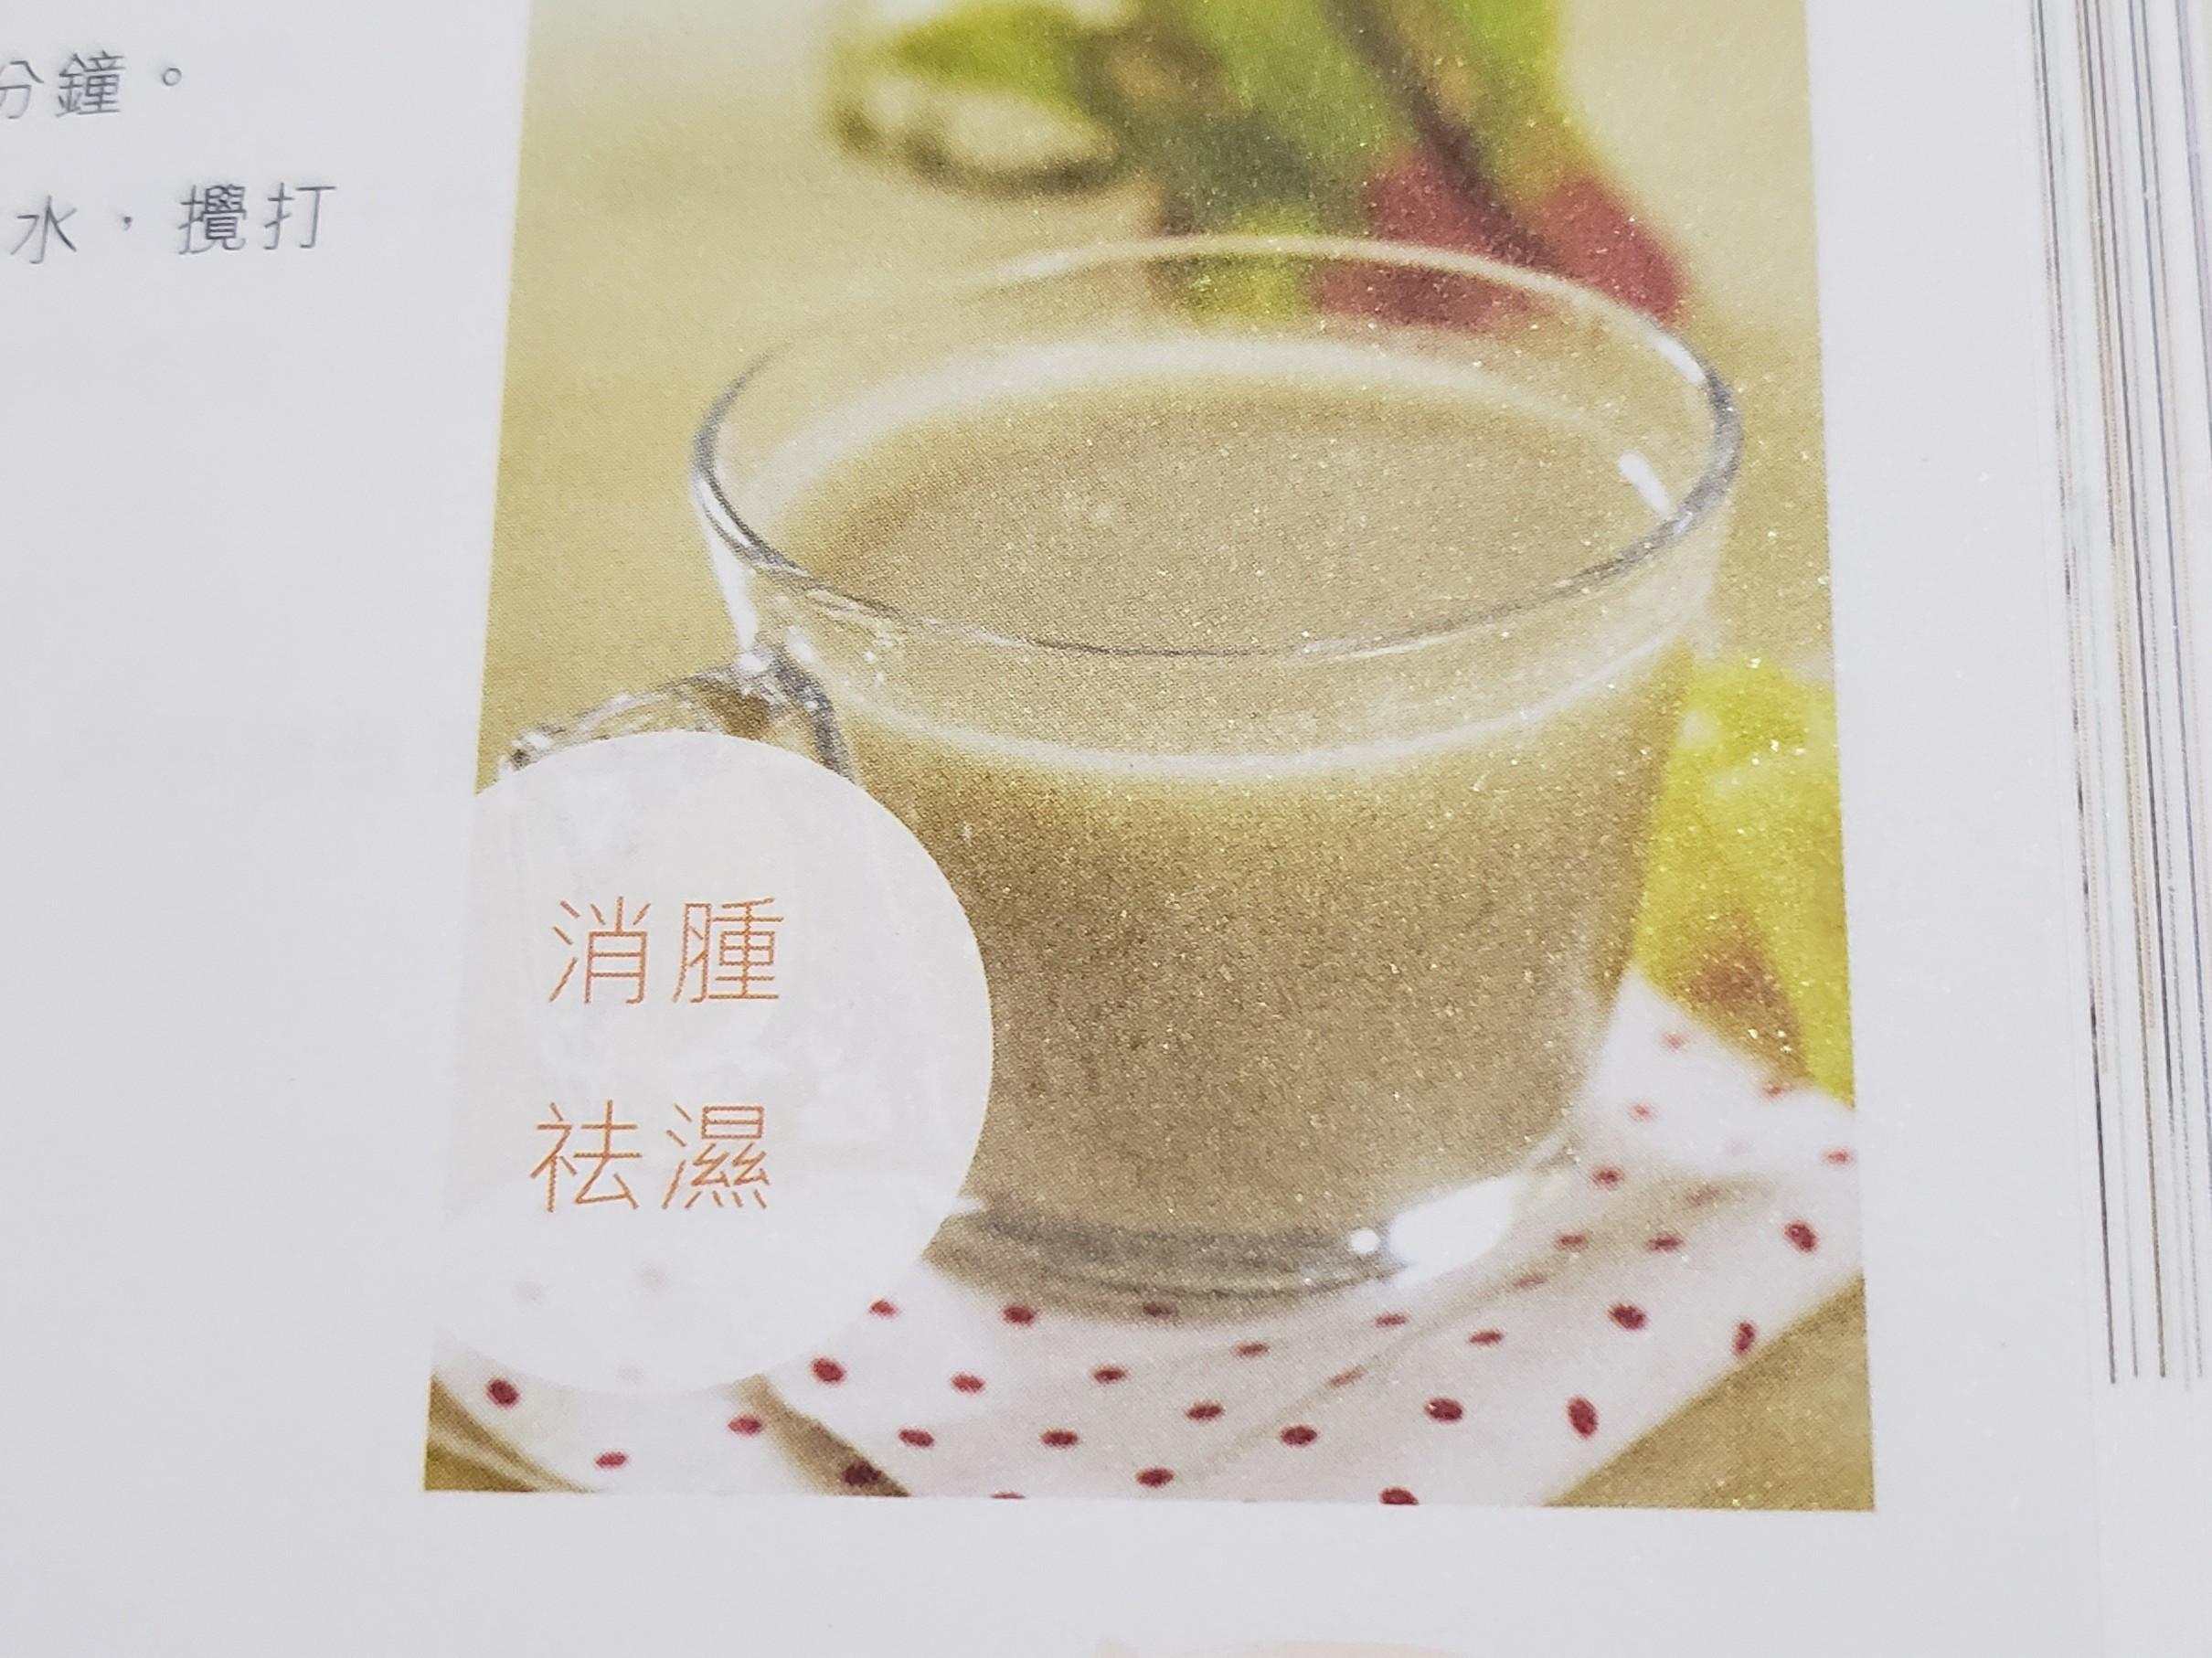 火龍果菠蘿汁